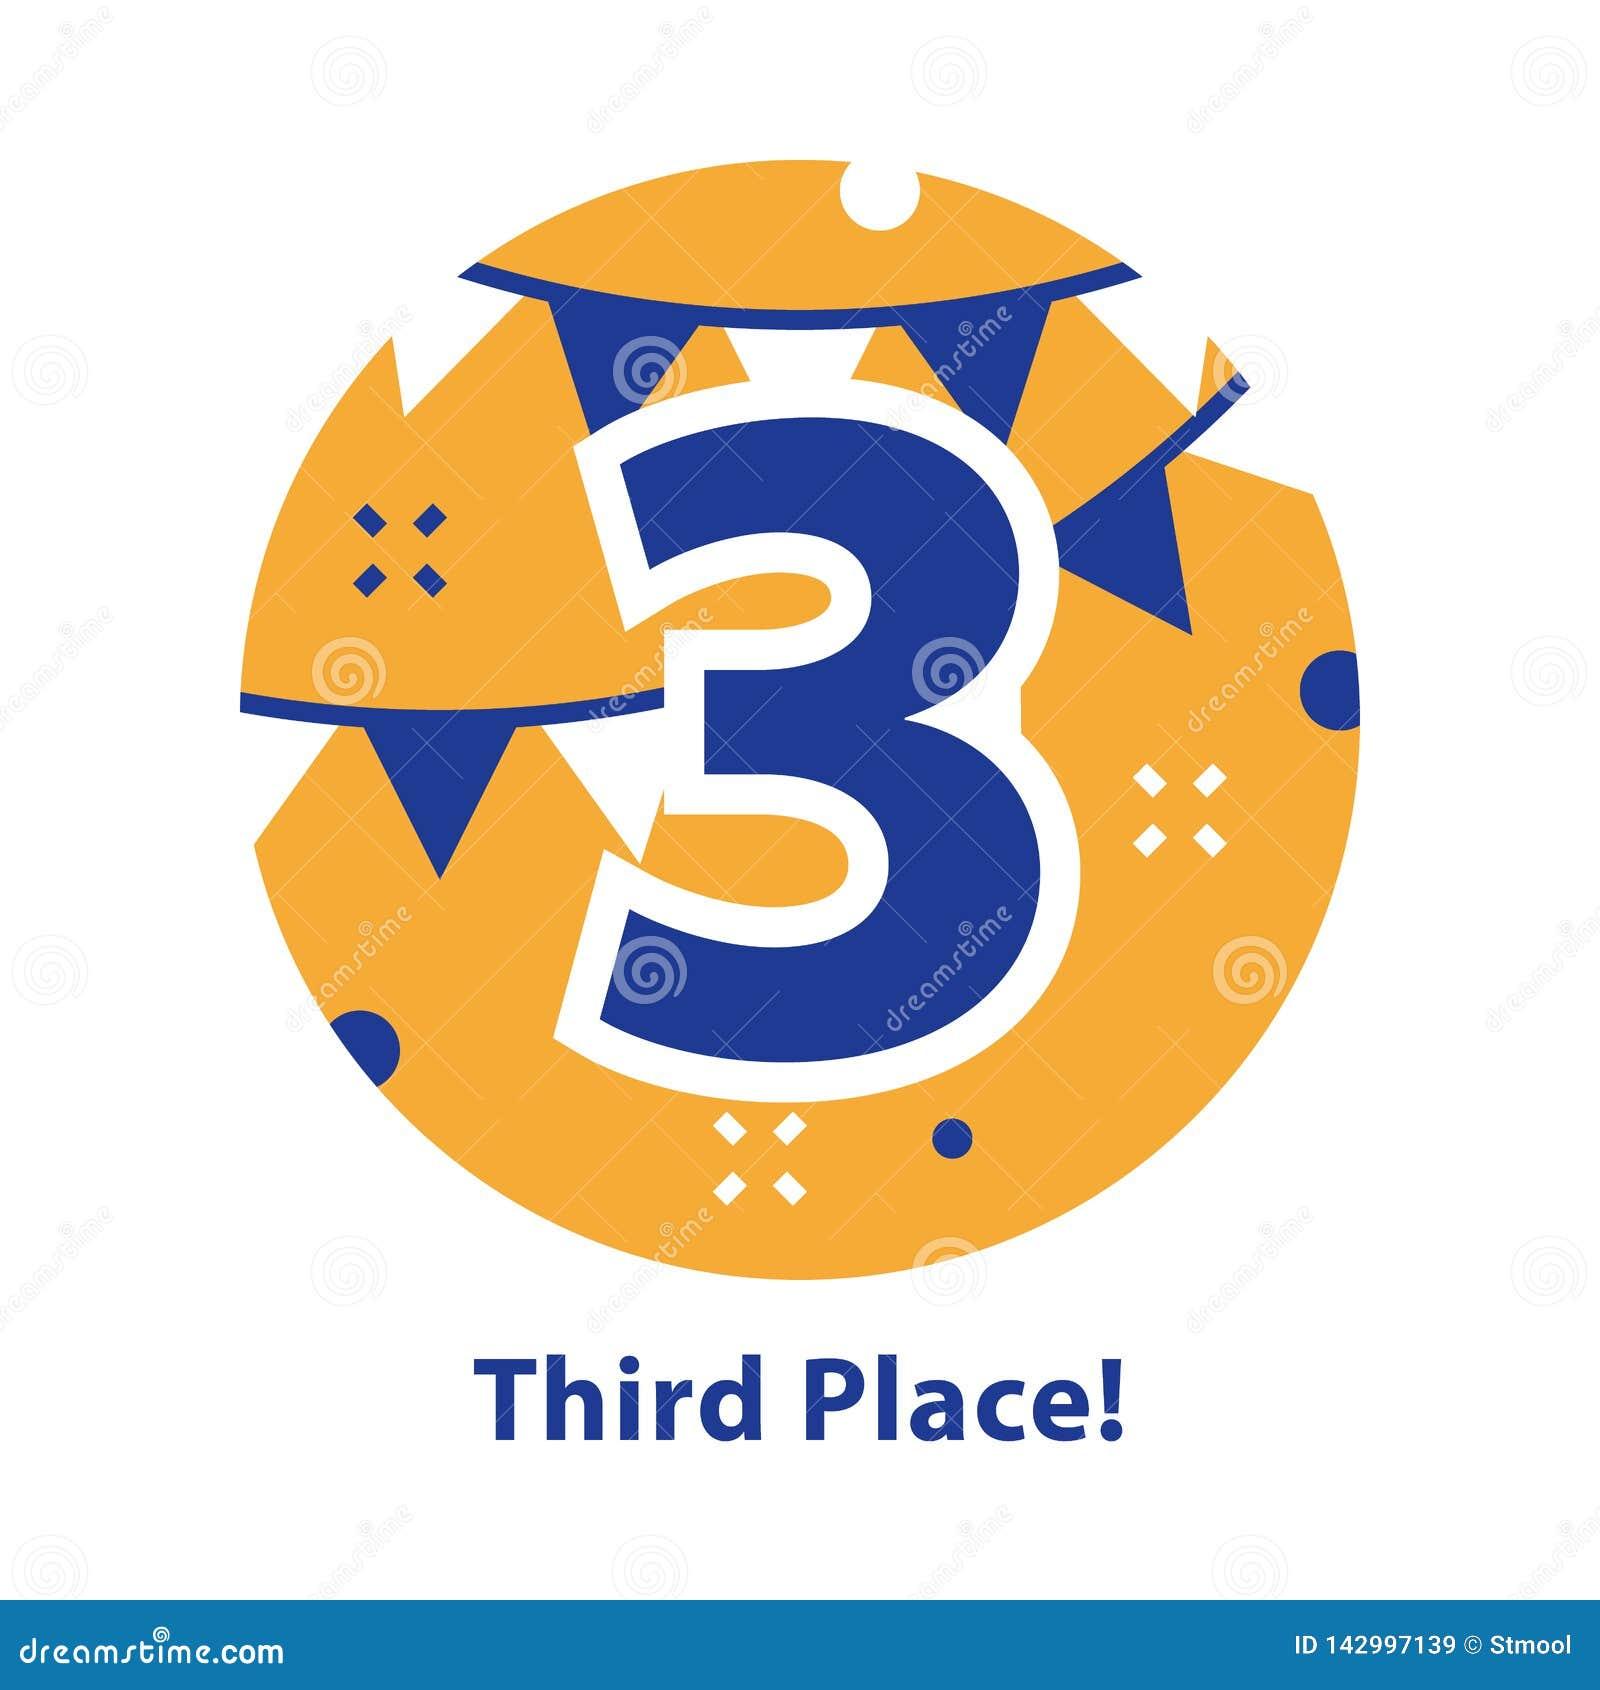 Numero tre, terzo posto, cerimonia di premiazione, celebrante evento, riuscita realizzazione